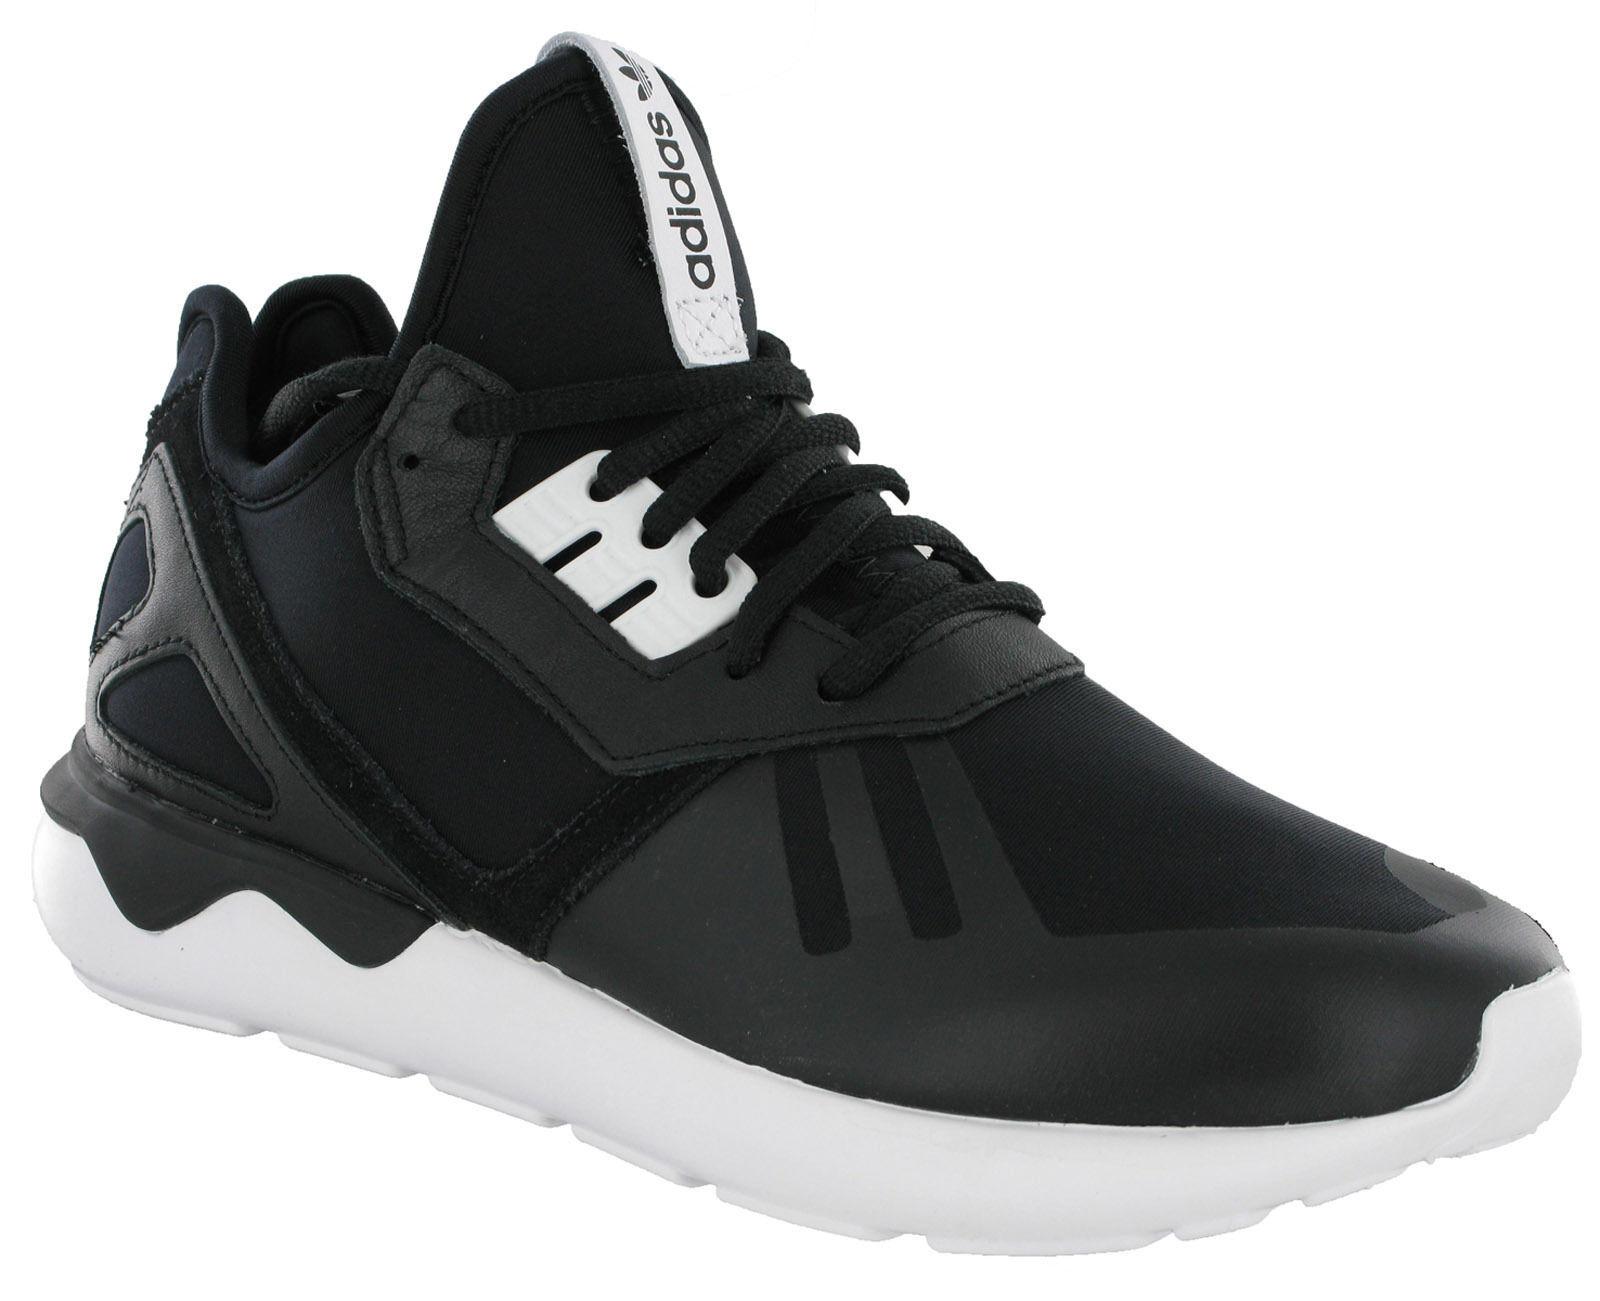 Los zapatos más populares para hombres y mujeres Adidas CORREDOR DE Tubular Zapatillas para hombre neopreno deportes correr